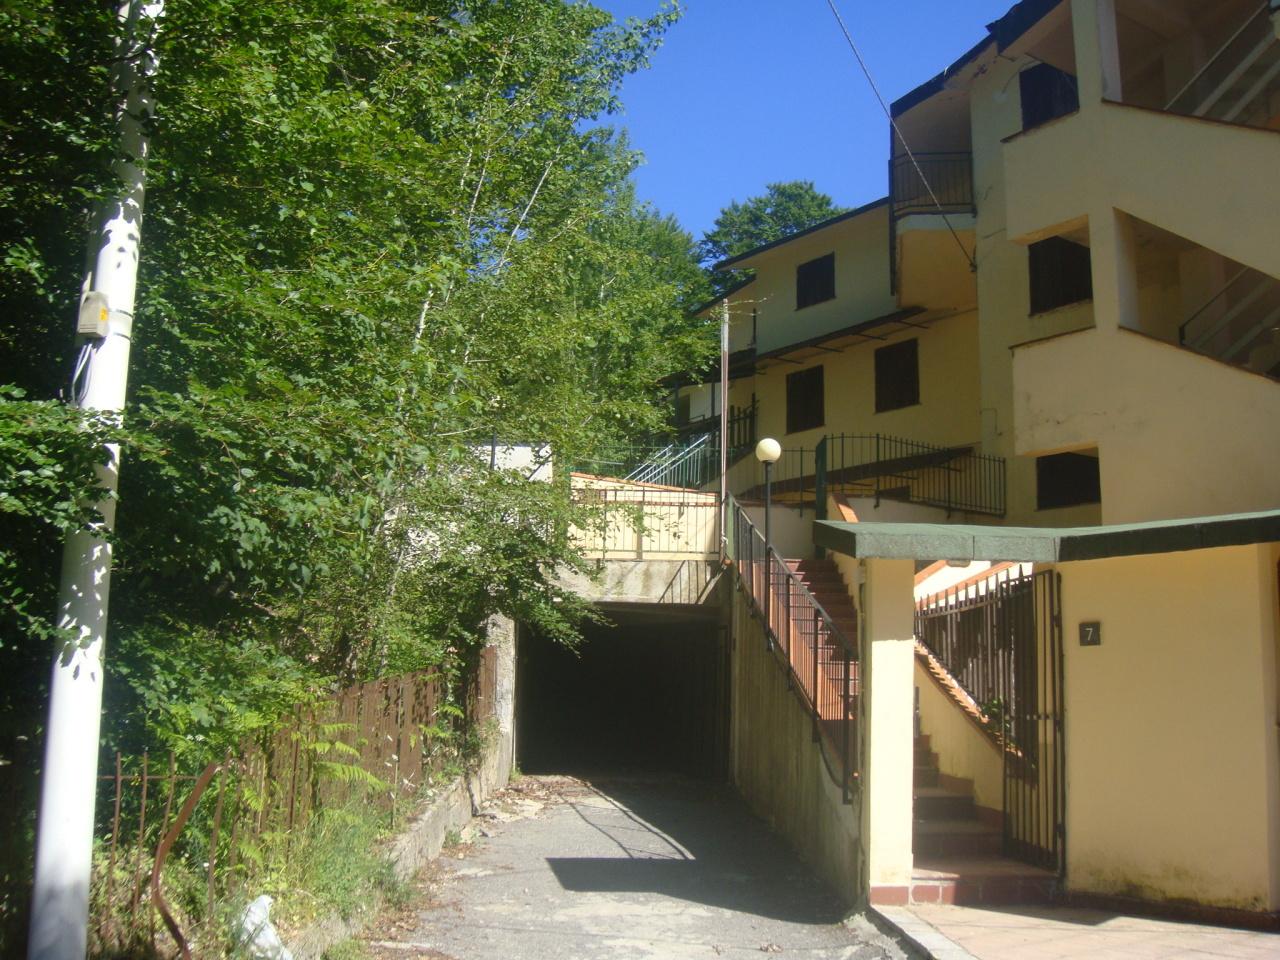 Villa in vendita a Santo Stefano in Aspromonte, 6 locali, prezzo € 100.000 | CambioCasa.it